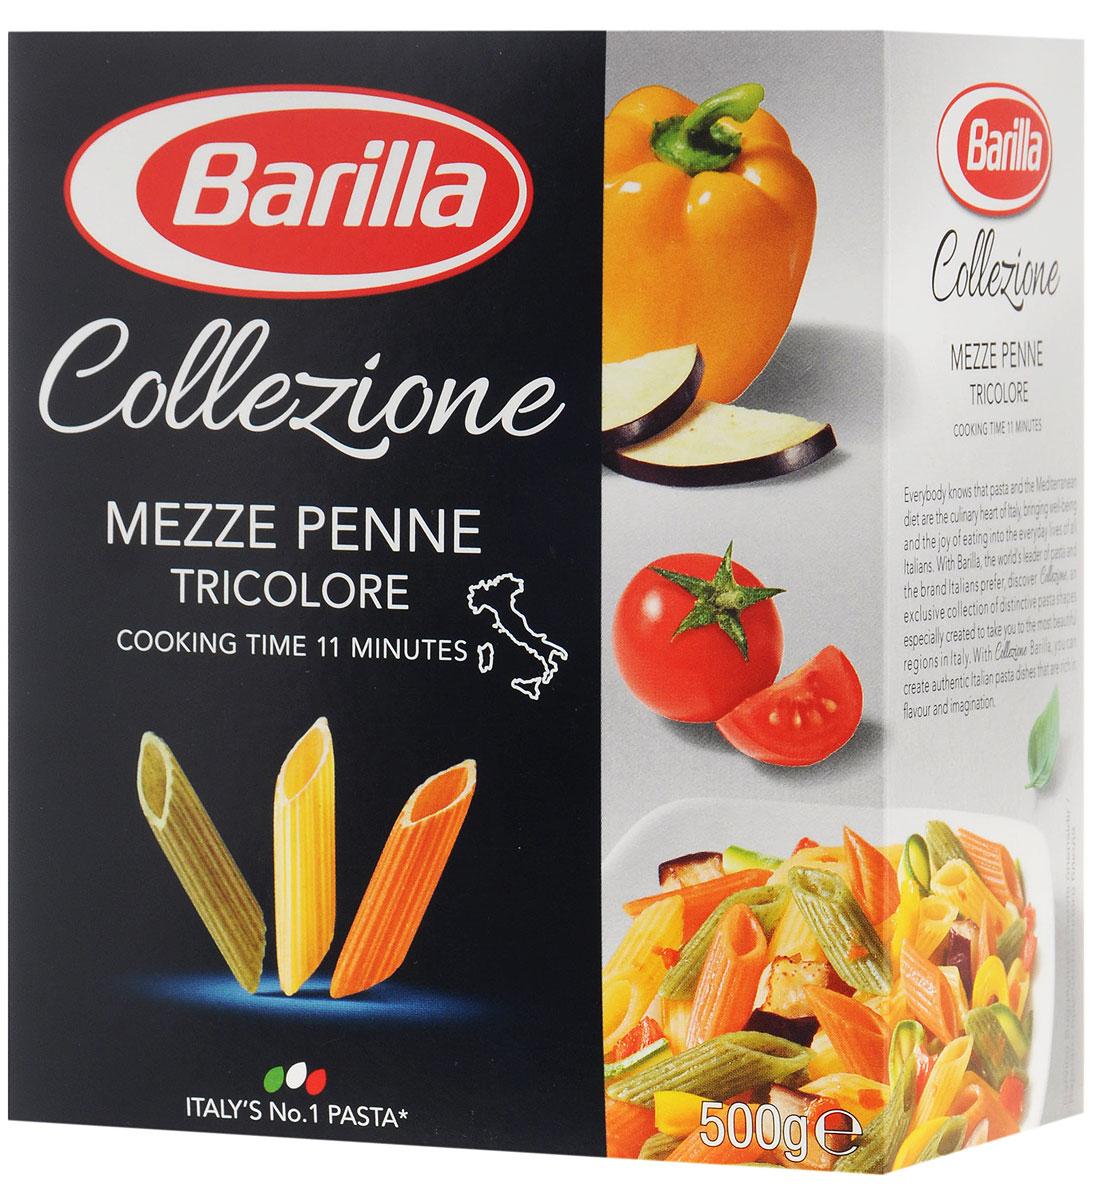 Трехцветные Мецце Пенне - это дань уважения цветам итальянского флага, выраженная в одном из самых популярных форматов пасты. Пенне с добавлением помидоров и шпината, идеально подойдут для всех видов соусов. Трехцветные Мецце Пенне - разновидность одной из самых популярных форм пасты, которая представляет собой рифленые полые трубочки с косыми срезами, длиной не более 2 см. В дополнение к классическому пшеничному белому цвету, паста окрашивается в зеленый и красный цвета. Делается это с помощью шпината и томатов, которые не только окрашивают, но и придают пасте оригинальный вкус и аромат. Идеальные для любого случая, трехцветные Мецце Пенне бесспорно завоюют любовь каждой семьи: уменьшенный размер, рельефная внешняя поверхность позволяют лучше распределять соус и раскрыть все оттенки вкуса. Barilla предлагает приготовить их с легким овощным соусом, добавив в него петрушку для насыщенного аромата и овечий сыр, чтобы придать блюду более пикантный...